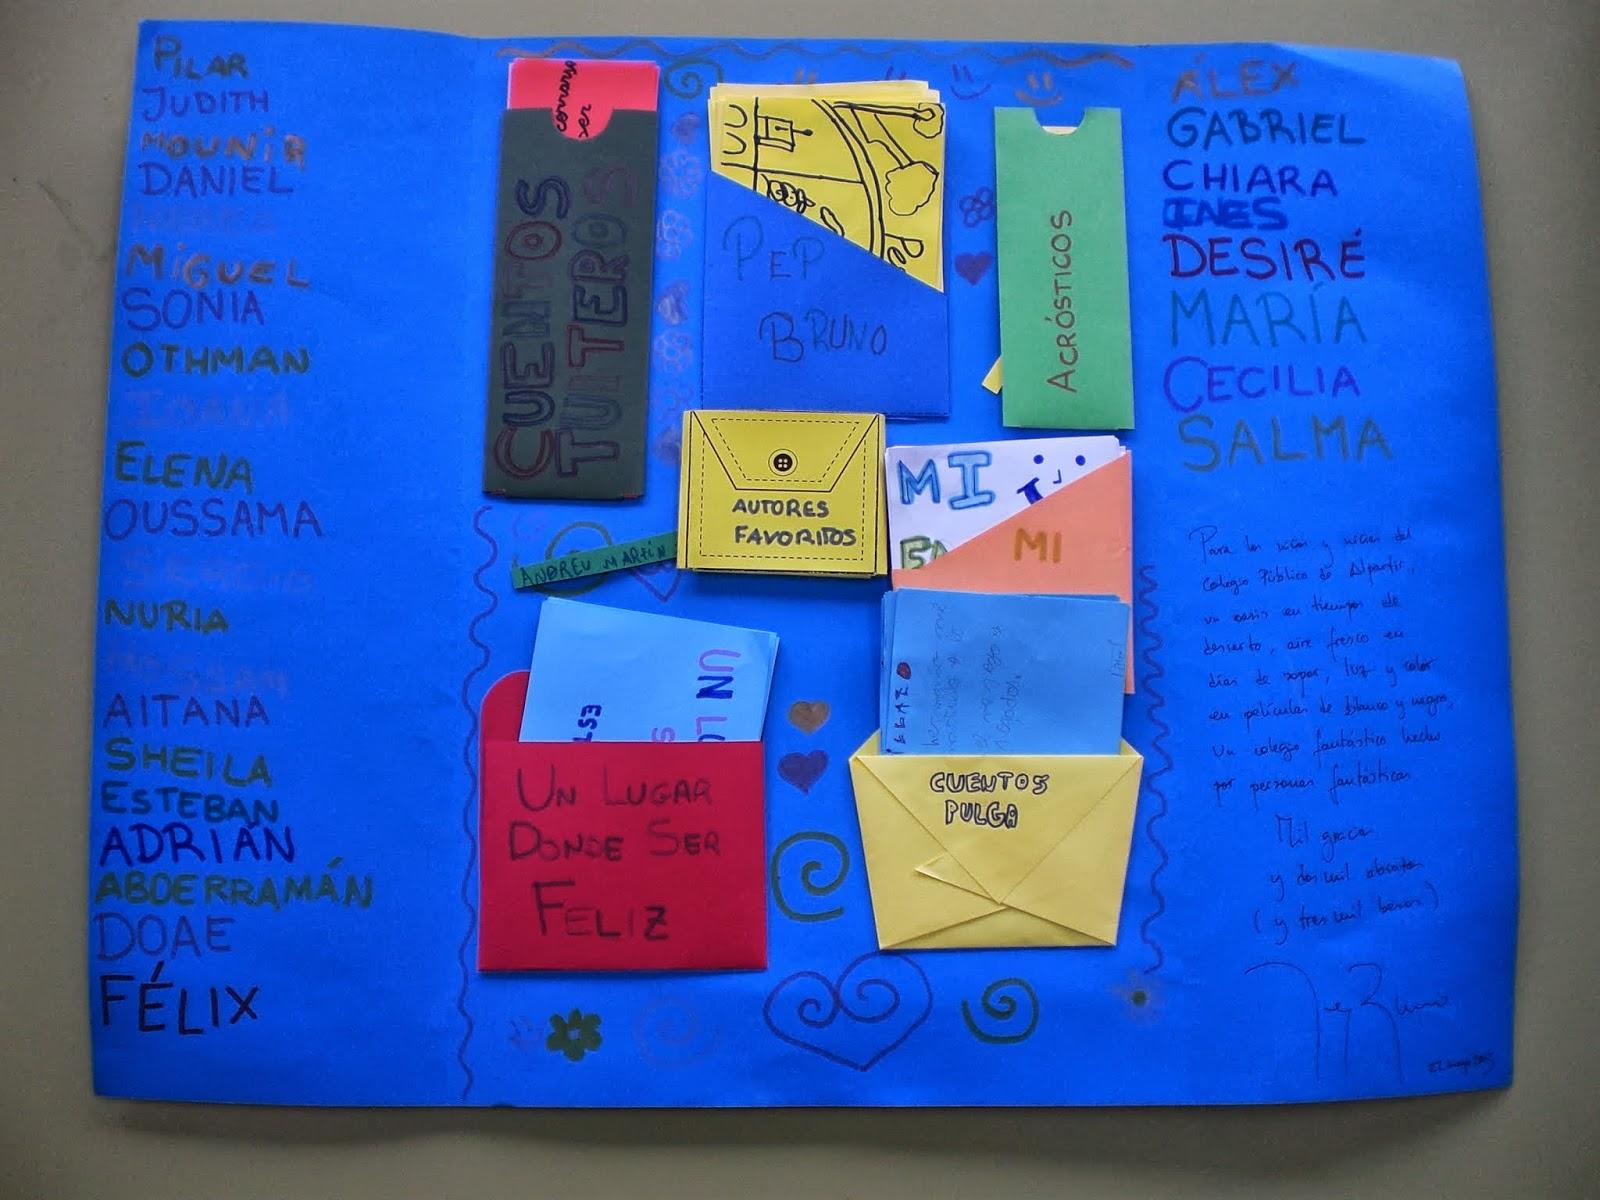 Biblioteca Escolar del Colegio de Alpartir: Lapbook sobre Pep Bruno